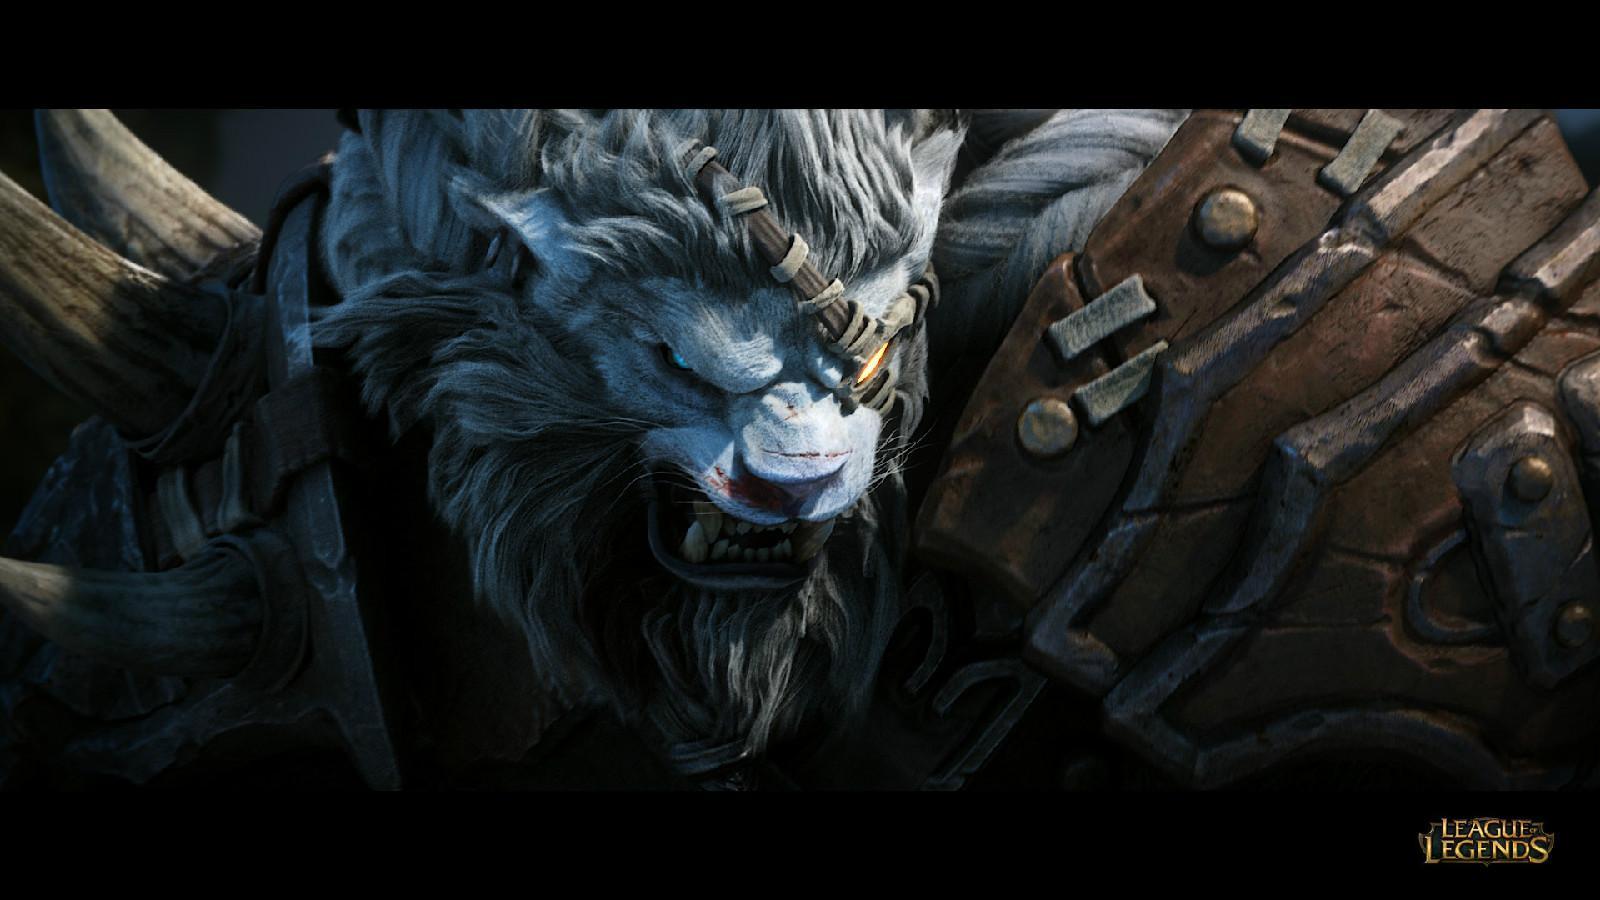 ap傲之追猎者视频_傲之追猎者